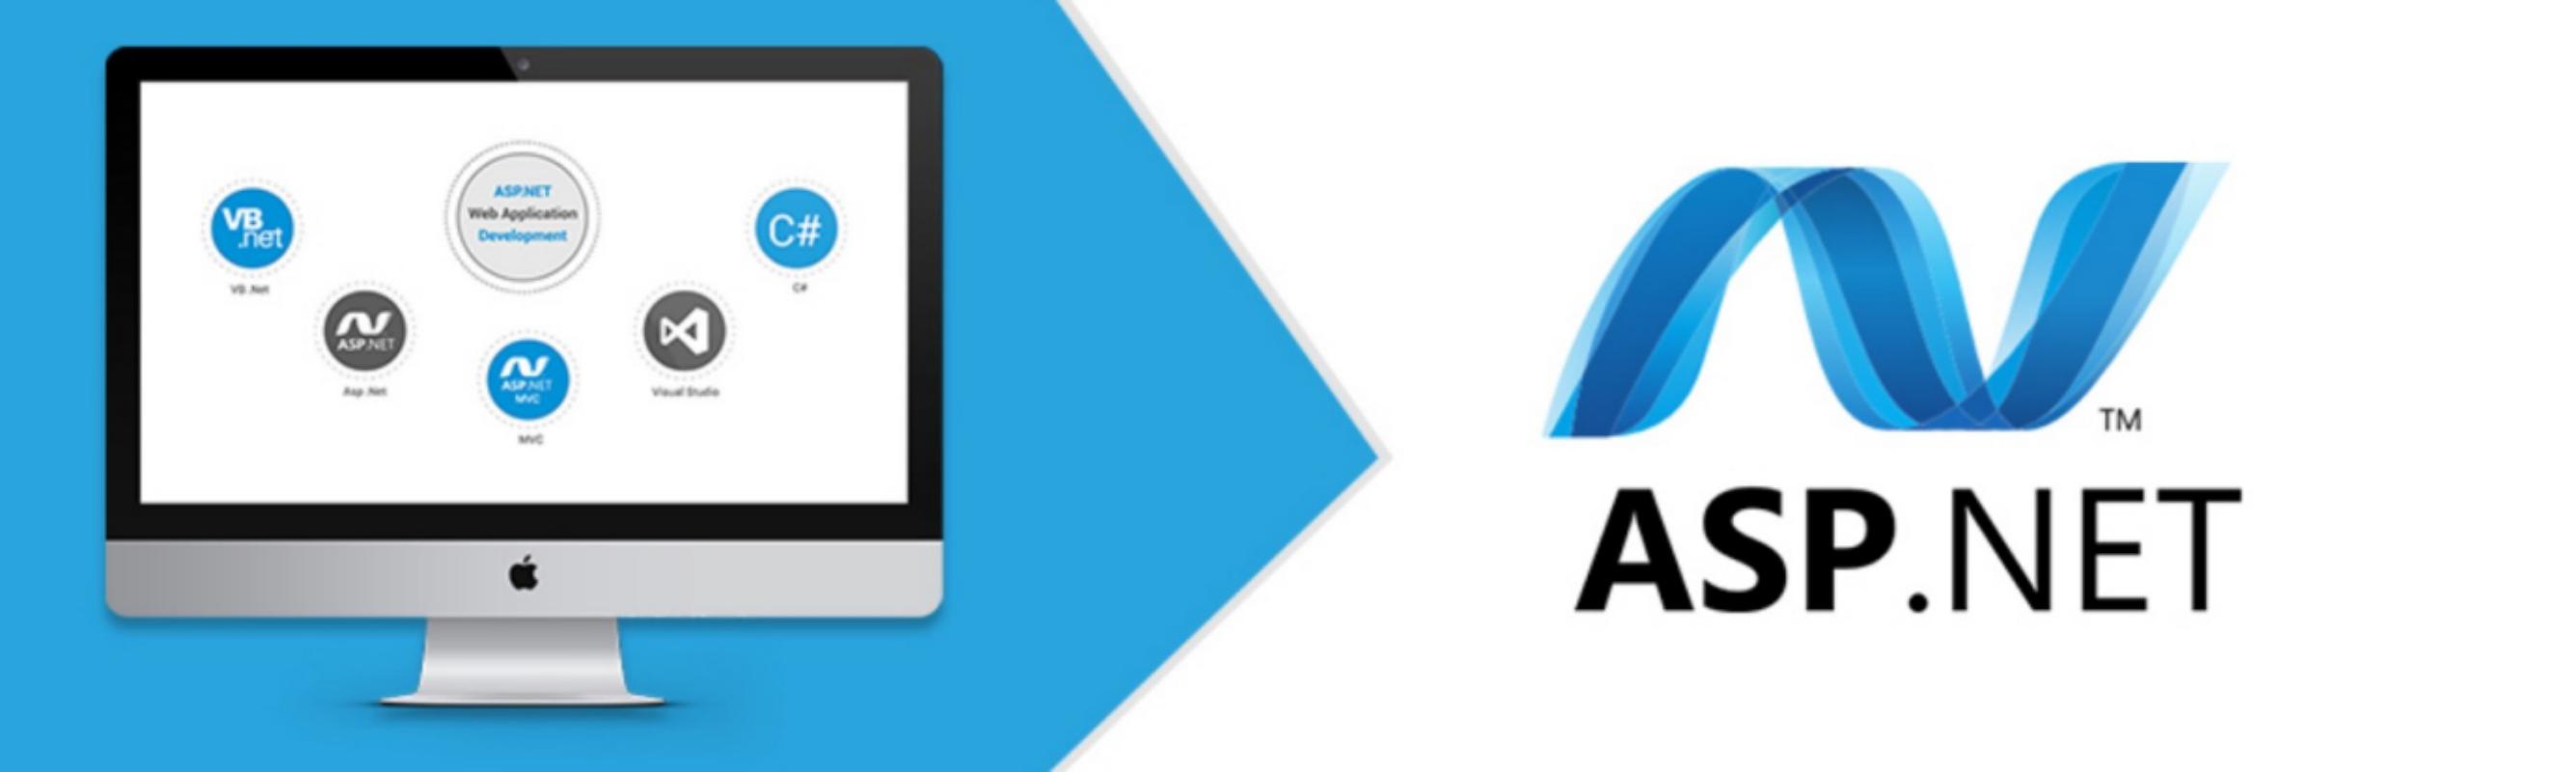 How to Hire an Asp.Net Developer